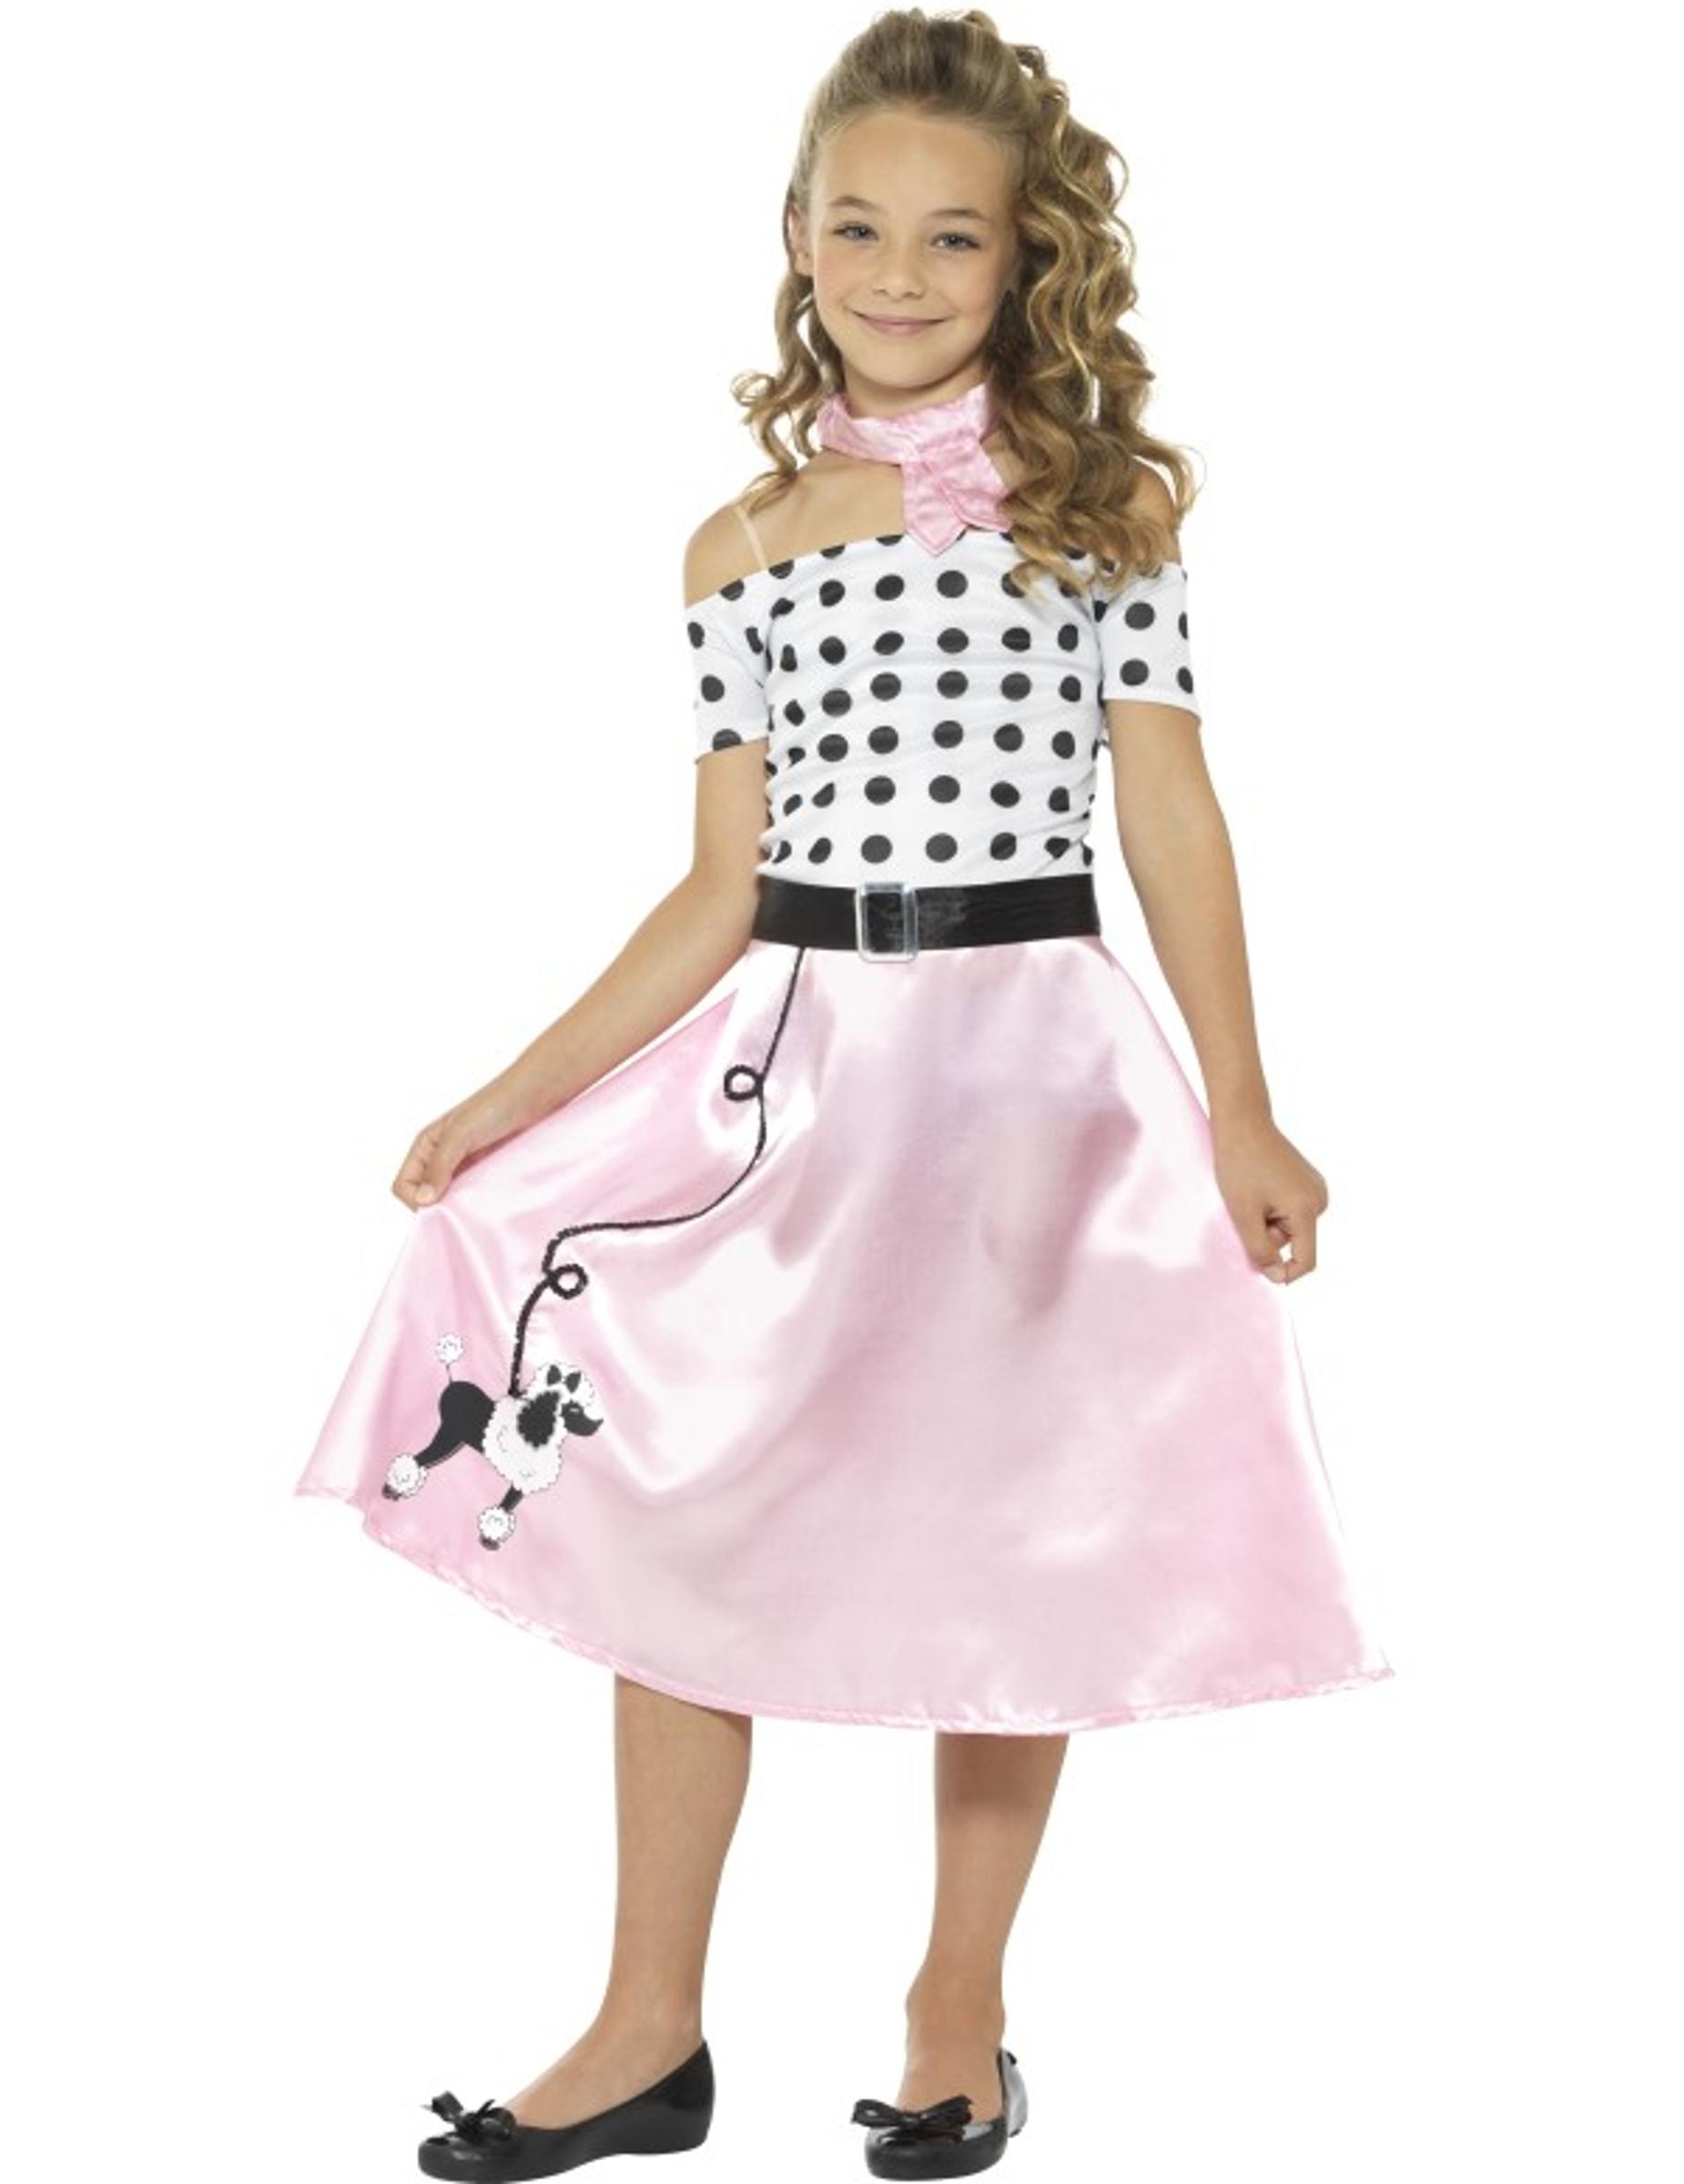 online store d3846 75e15 Modelli Abiti – Carnevale 80 Anni Eleganti Di Per Vestiti ...